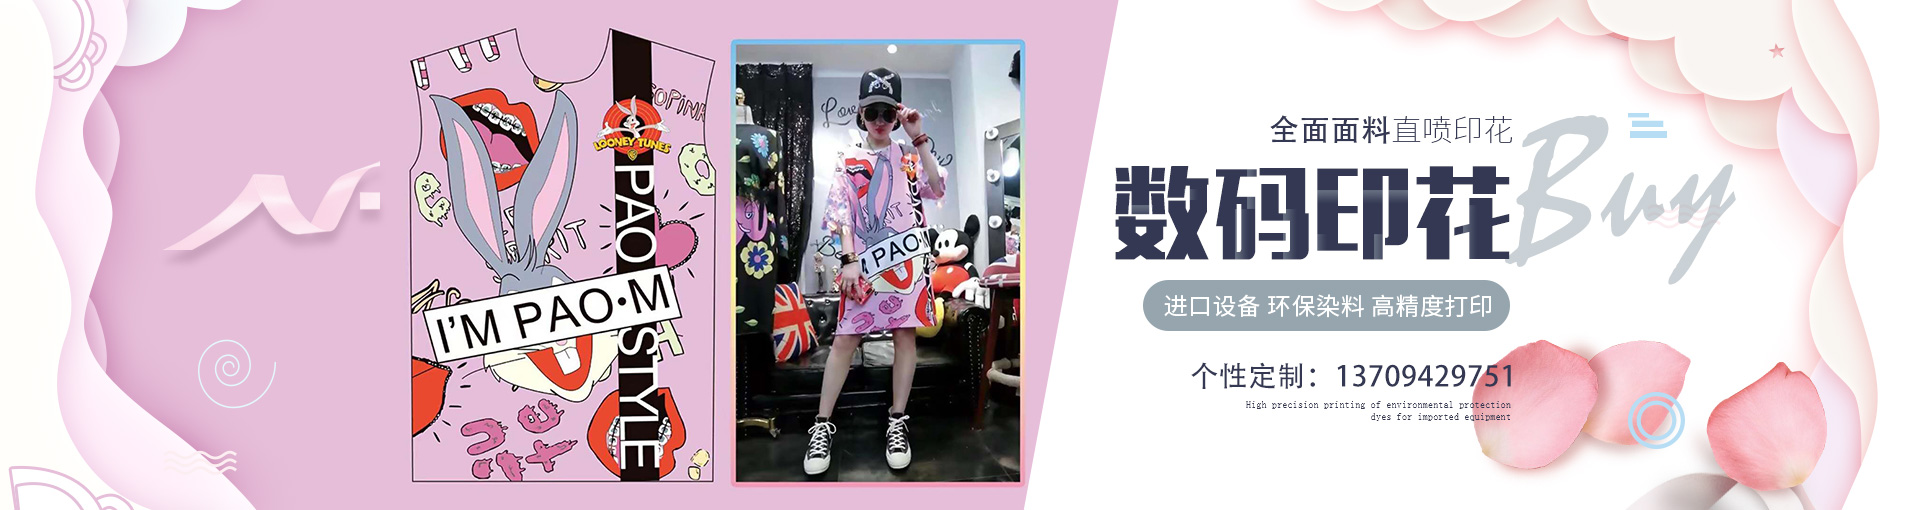 重庆数码印花厂